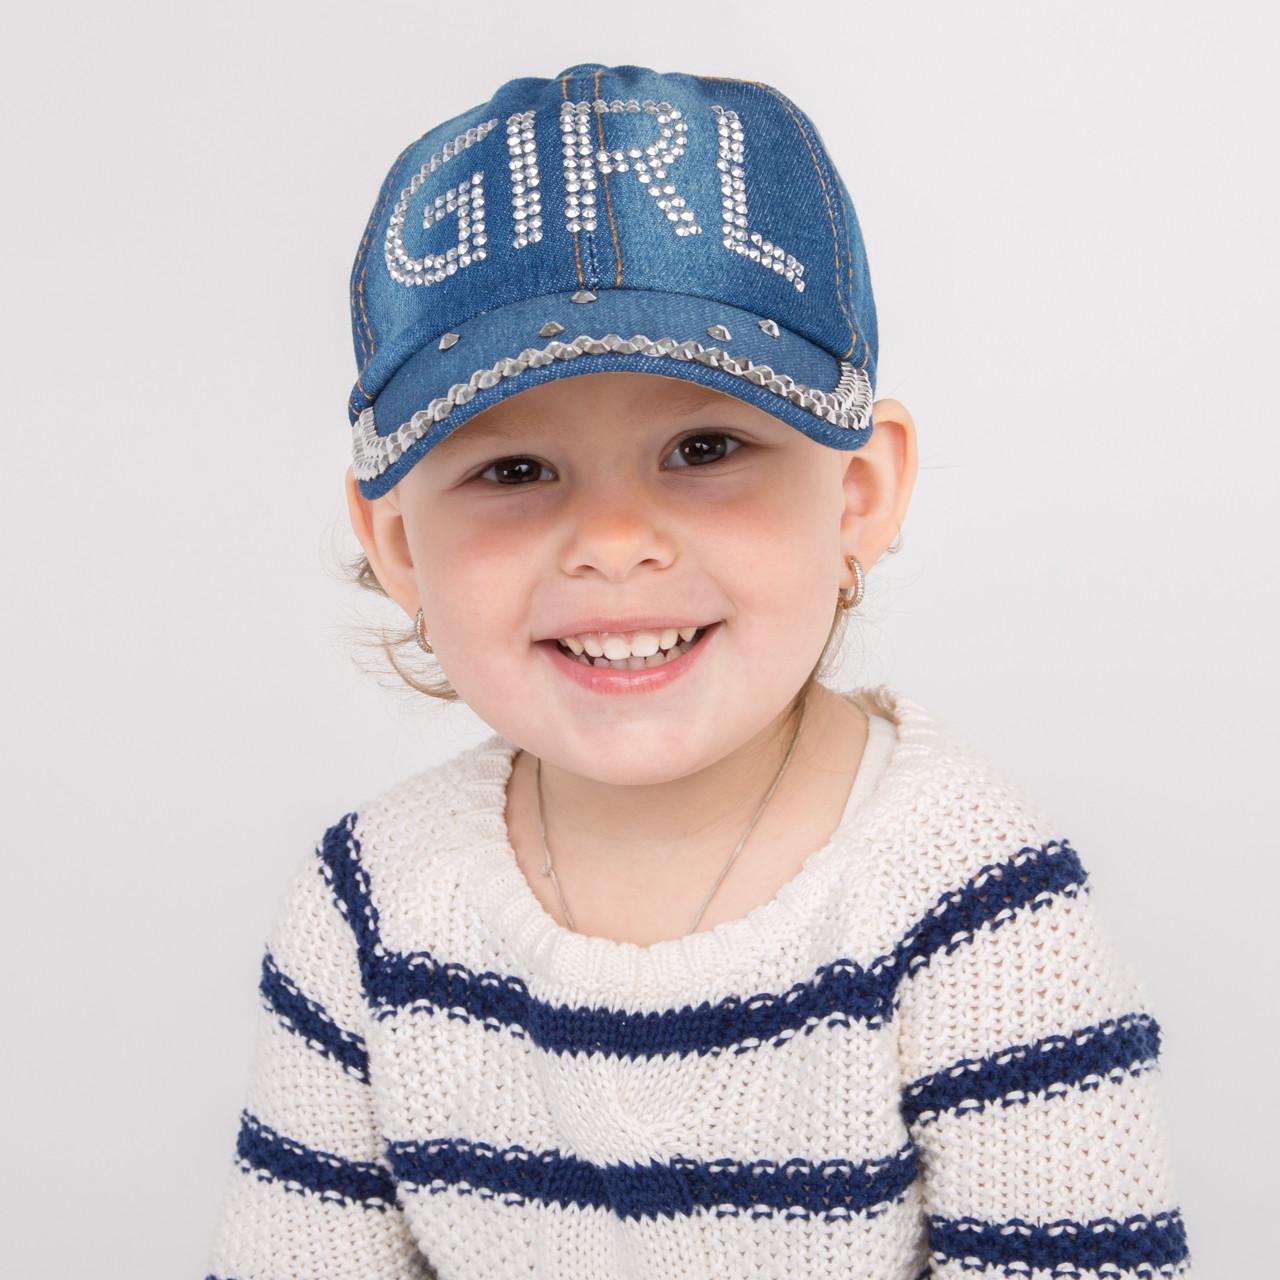 Стильная джинсовая кепка для девочек оптом - 32018-29